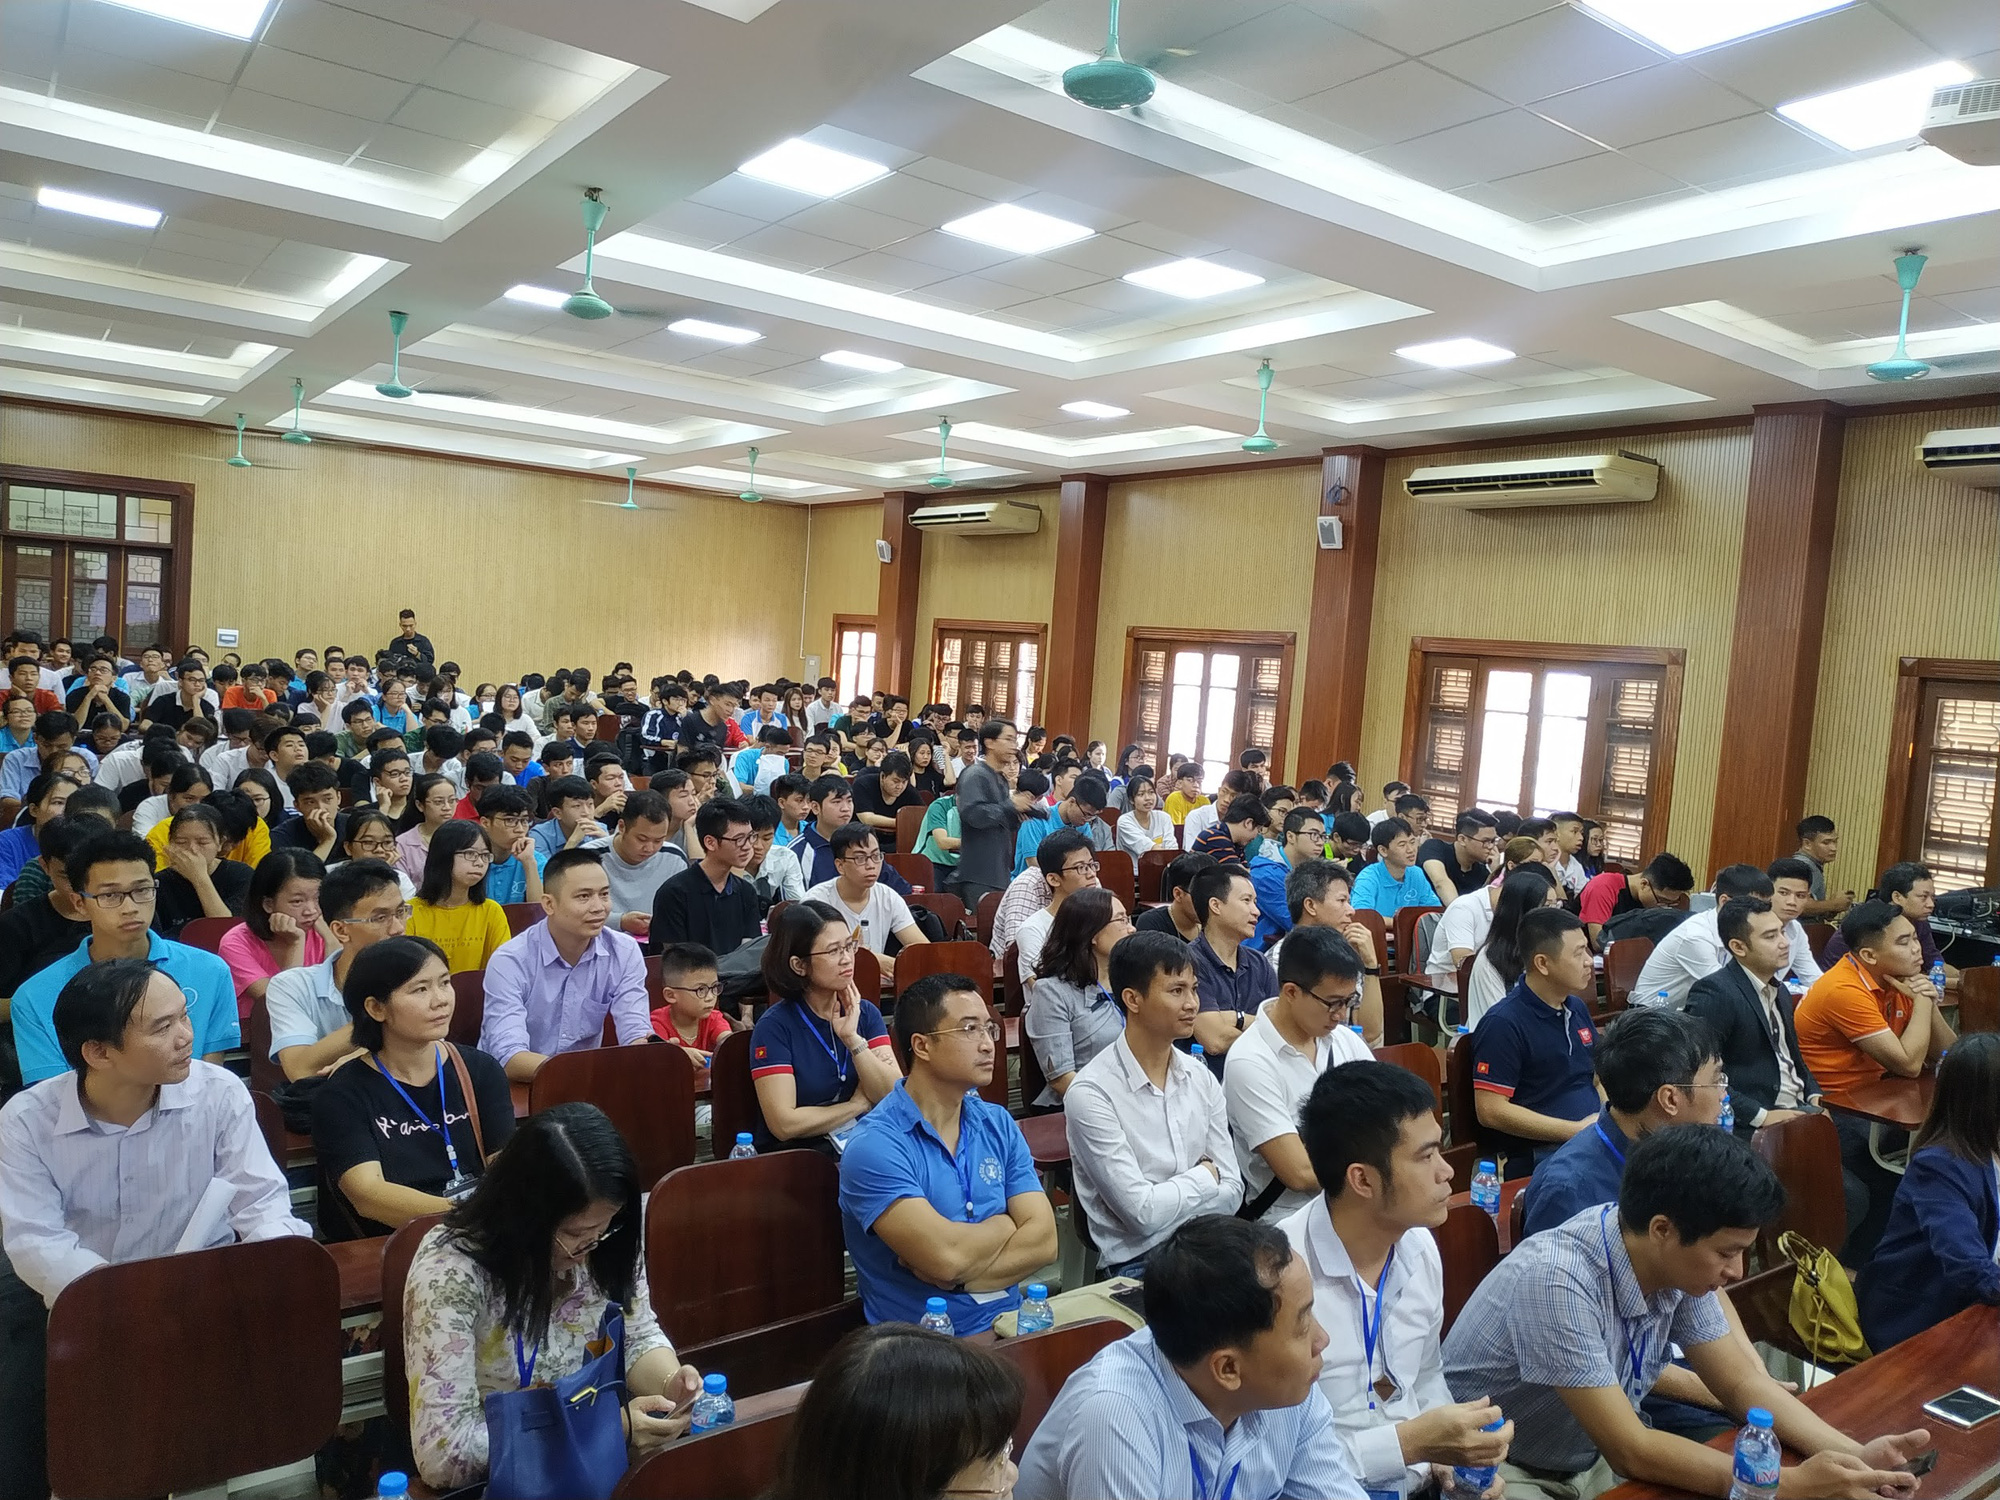 Đại học Khoa học Tự nhiên: Gần 1000 sinh viên hào hứng tham gia ngày hội hướng nghiệp 2019 - Ảnh 2.